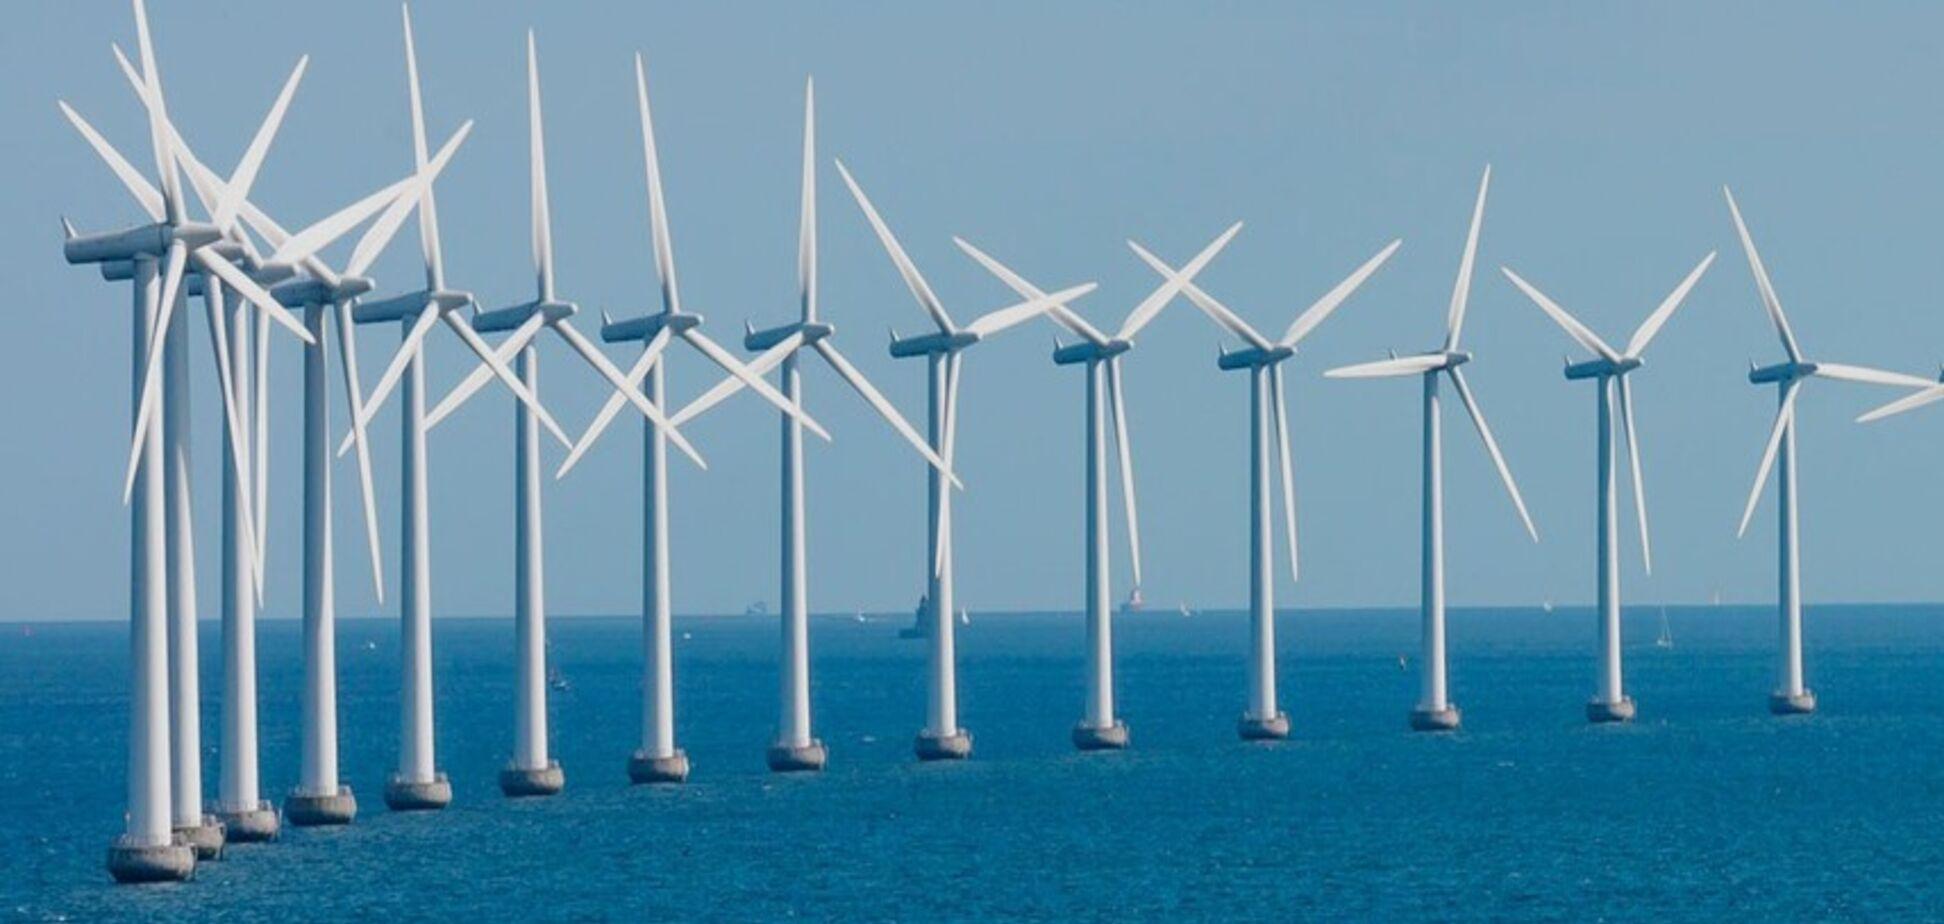 В Нидерландах появится огромная станция офшорных ветрогенераторов